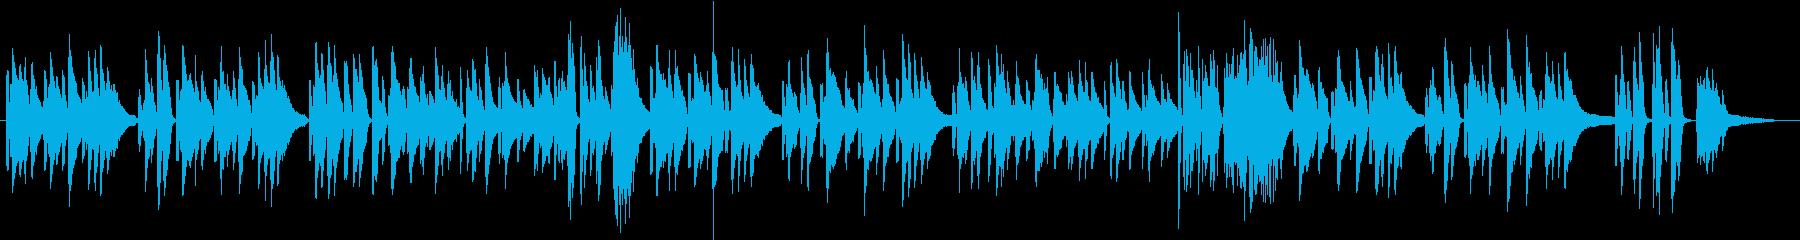 ハッピーバースデー JAZZピアノソロの再生済みの波形